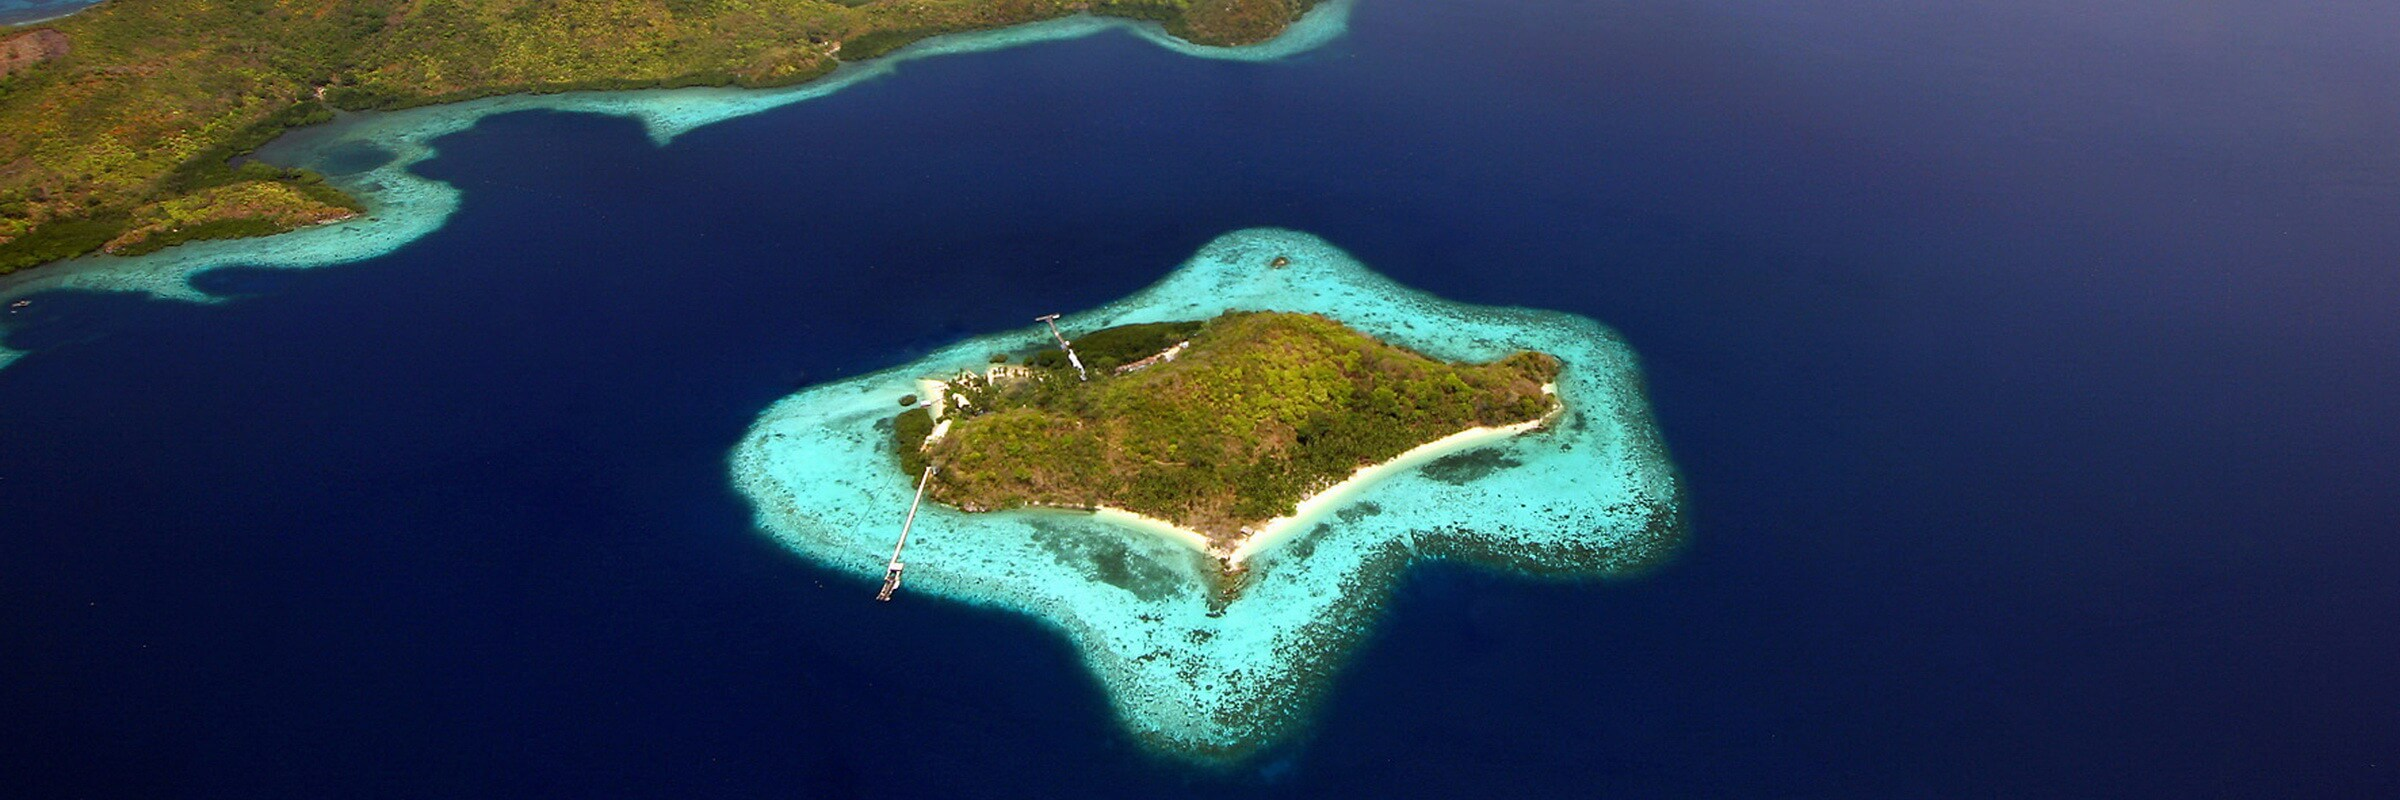 Palawan, das philippinisches Inselparadies ist ein grünes Juwel